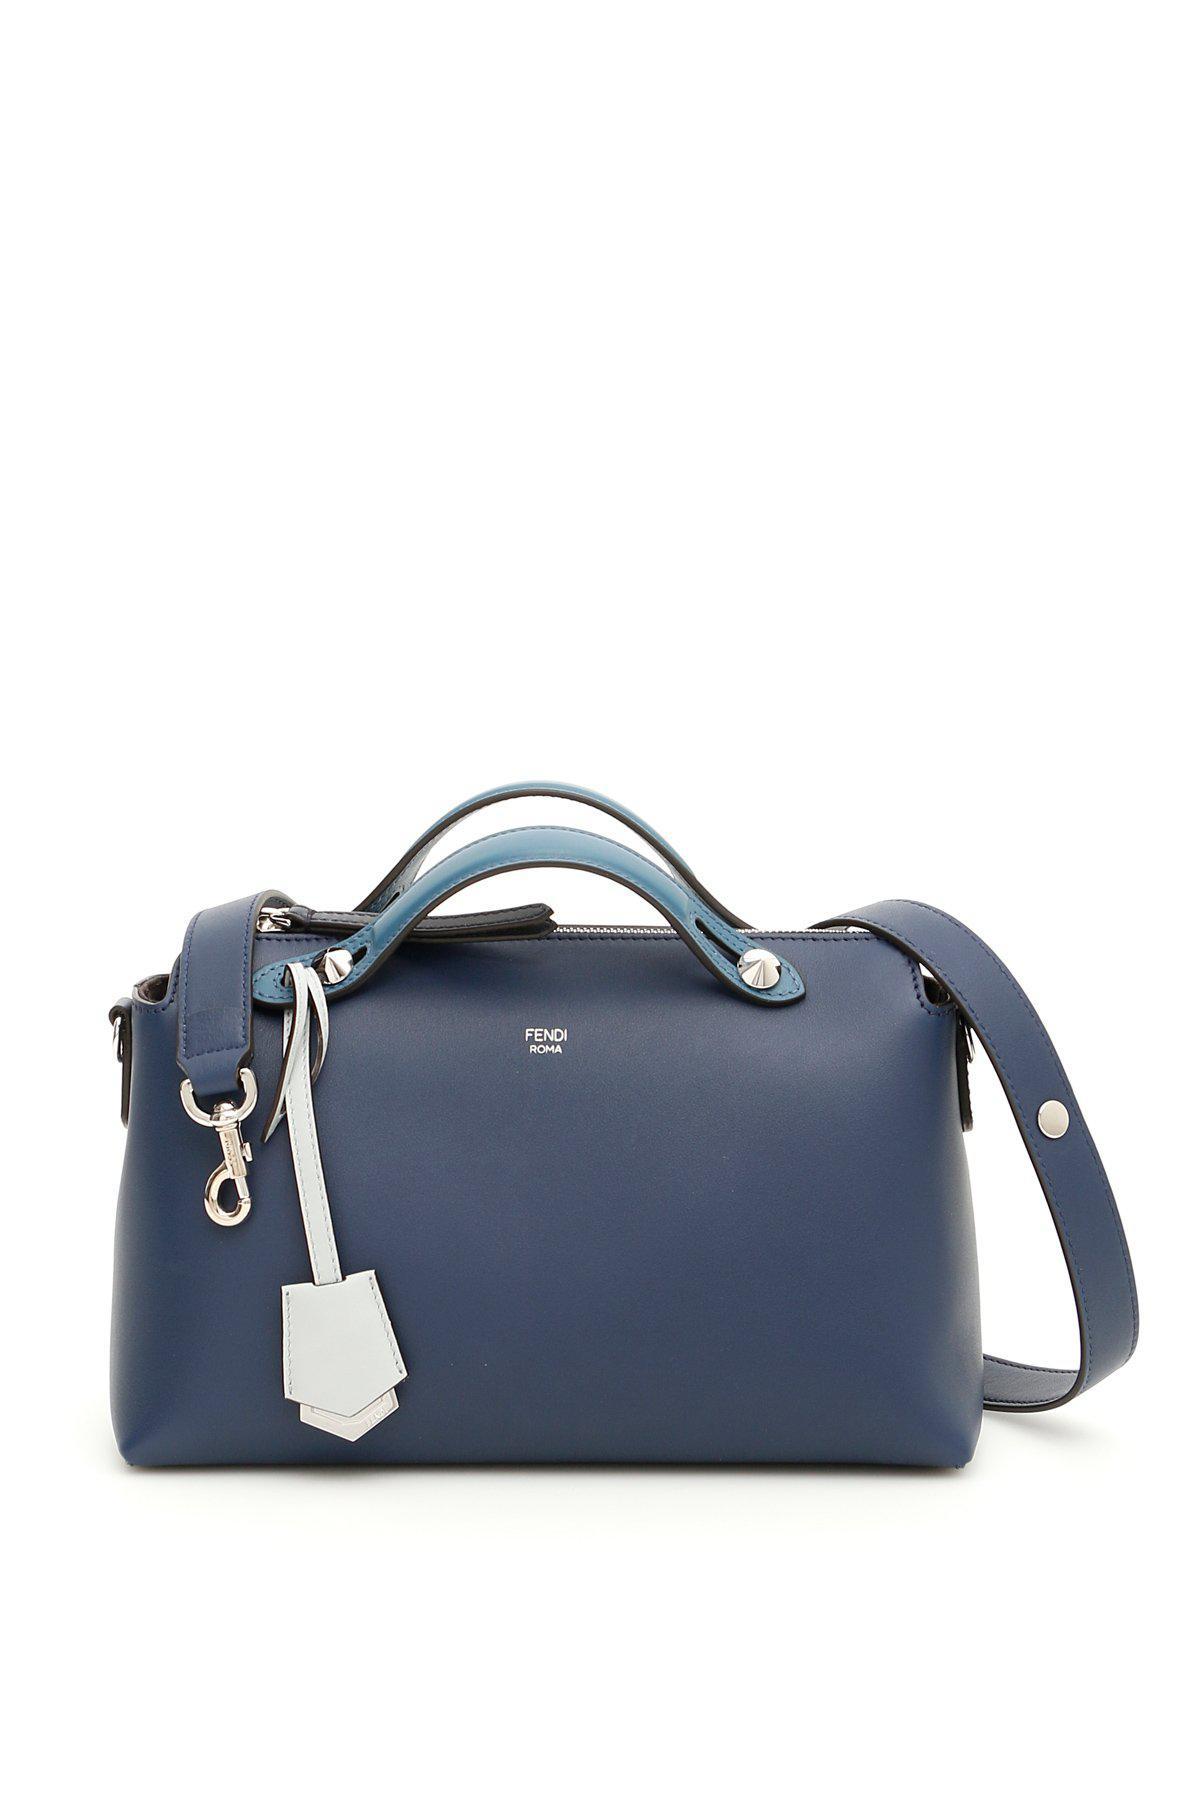 Lyst - Fendi By The Way Boston Bag in Blue db71098850bb5